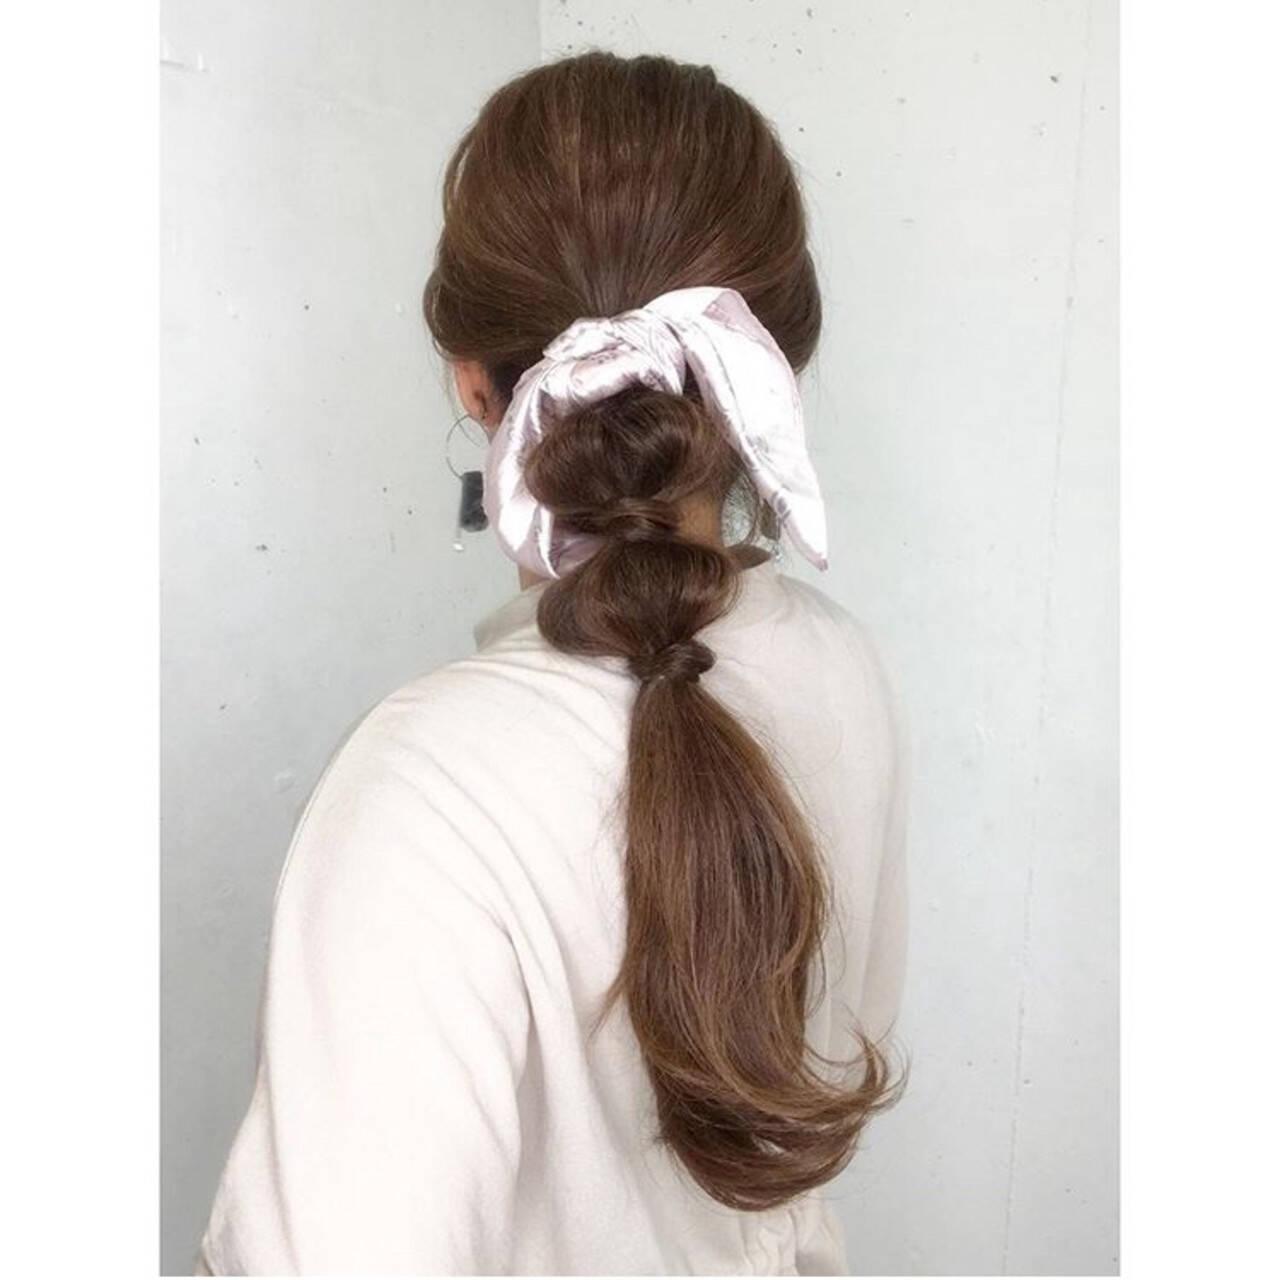 可愛い 簡単ヘアアレンジ ロング スカーフアレンジヘアスタイルや髪型の写真・画像